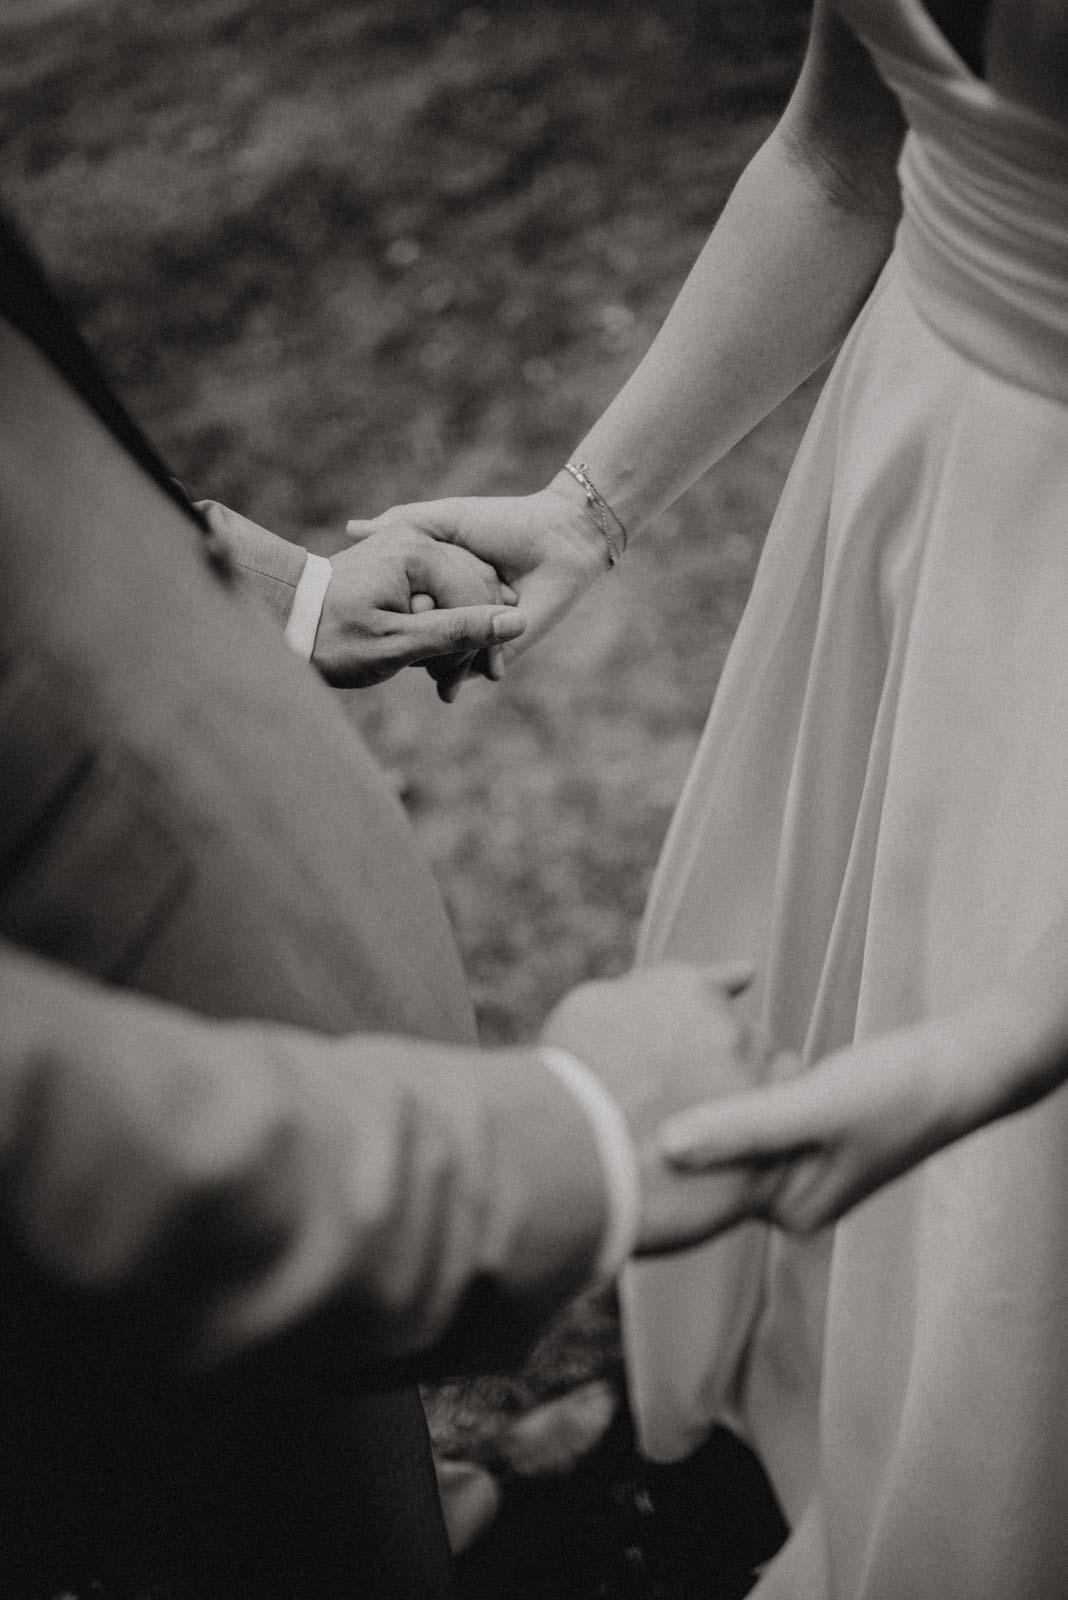 Die Hand des anderen halten